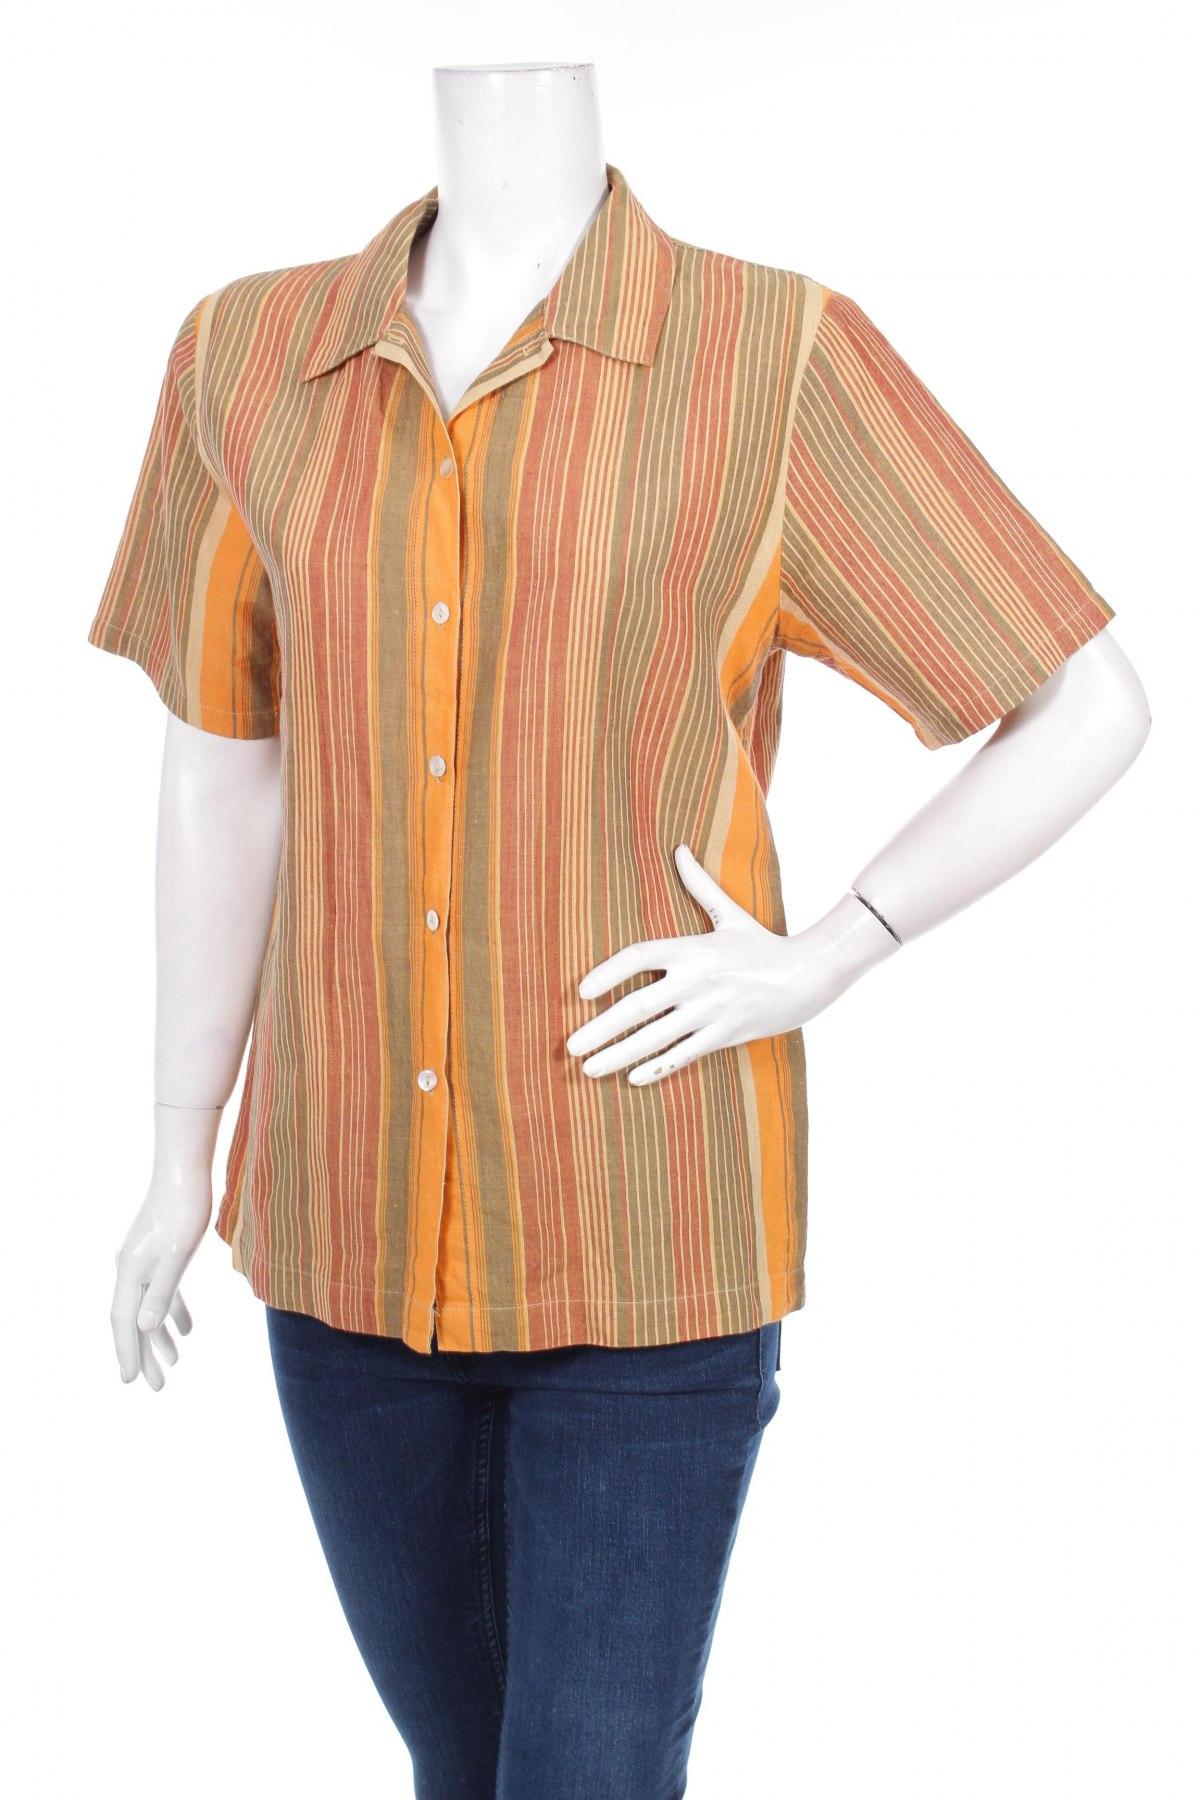 Γυναικείο πουκάμισο Sergio, Μέγεθος M, Χρώμα Πολύχρωμο, Λινό, Τιμή 11,34€